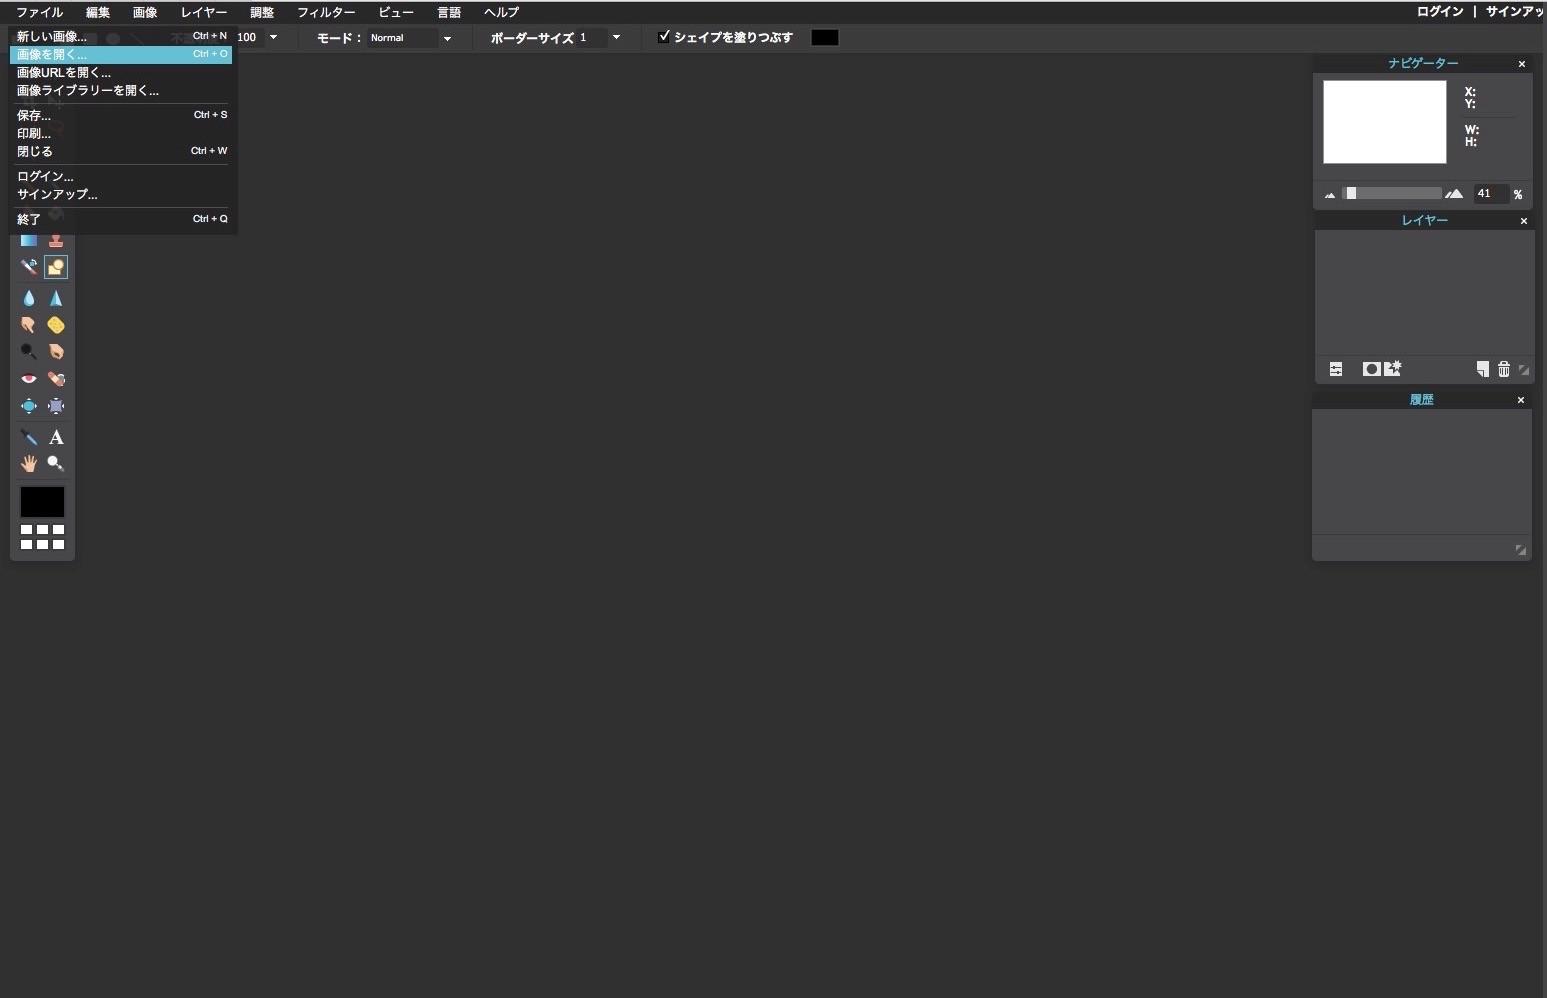 Pixir Editorへアクセスし、PC内の元ファイルを開きます。